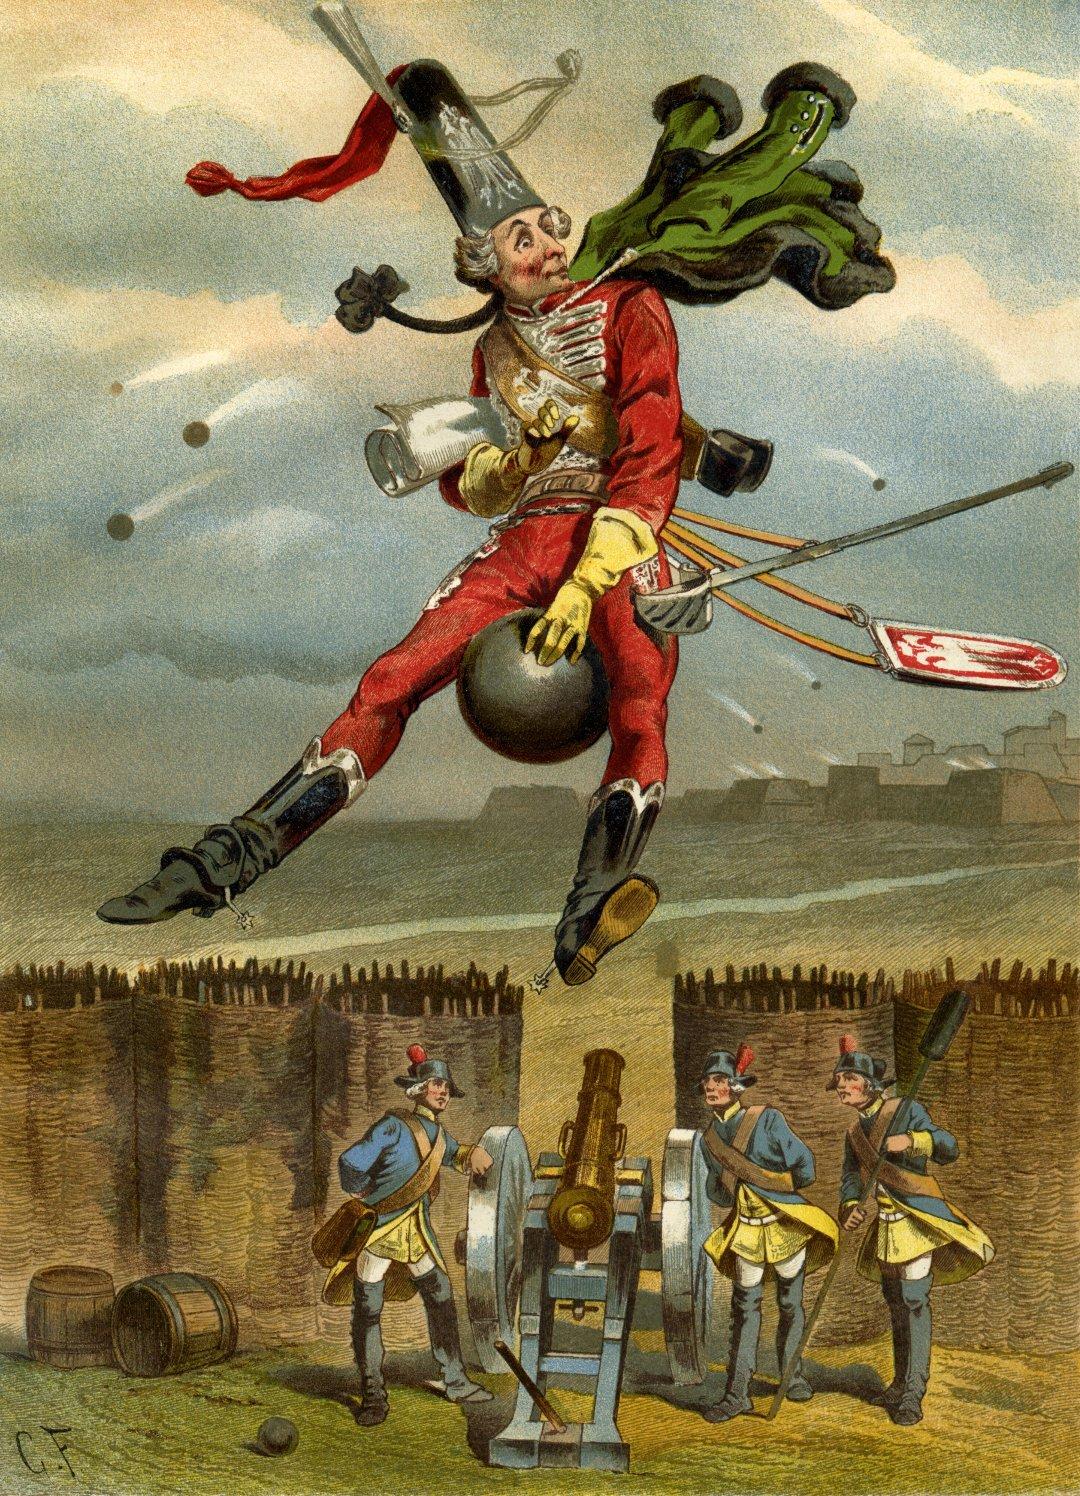 Иллюстрация с Мюнхгаузеном на ядре к книге Рудольфа Эриха Распе, созданная Готфридом Францем